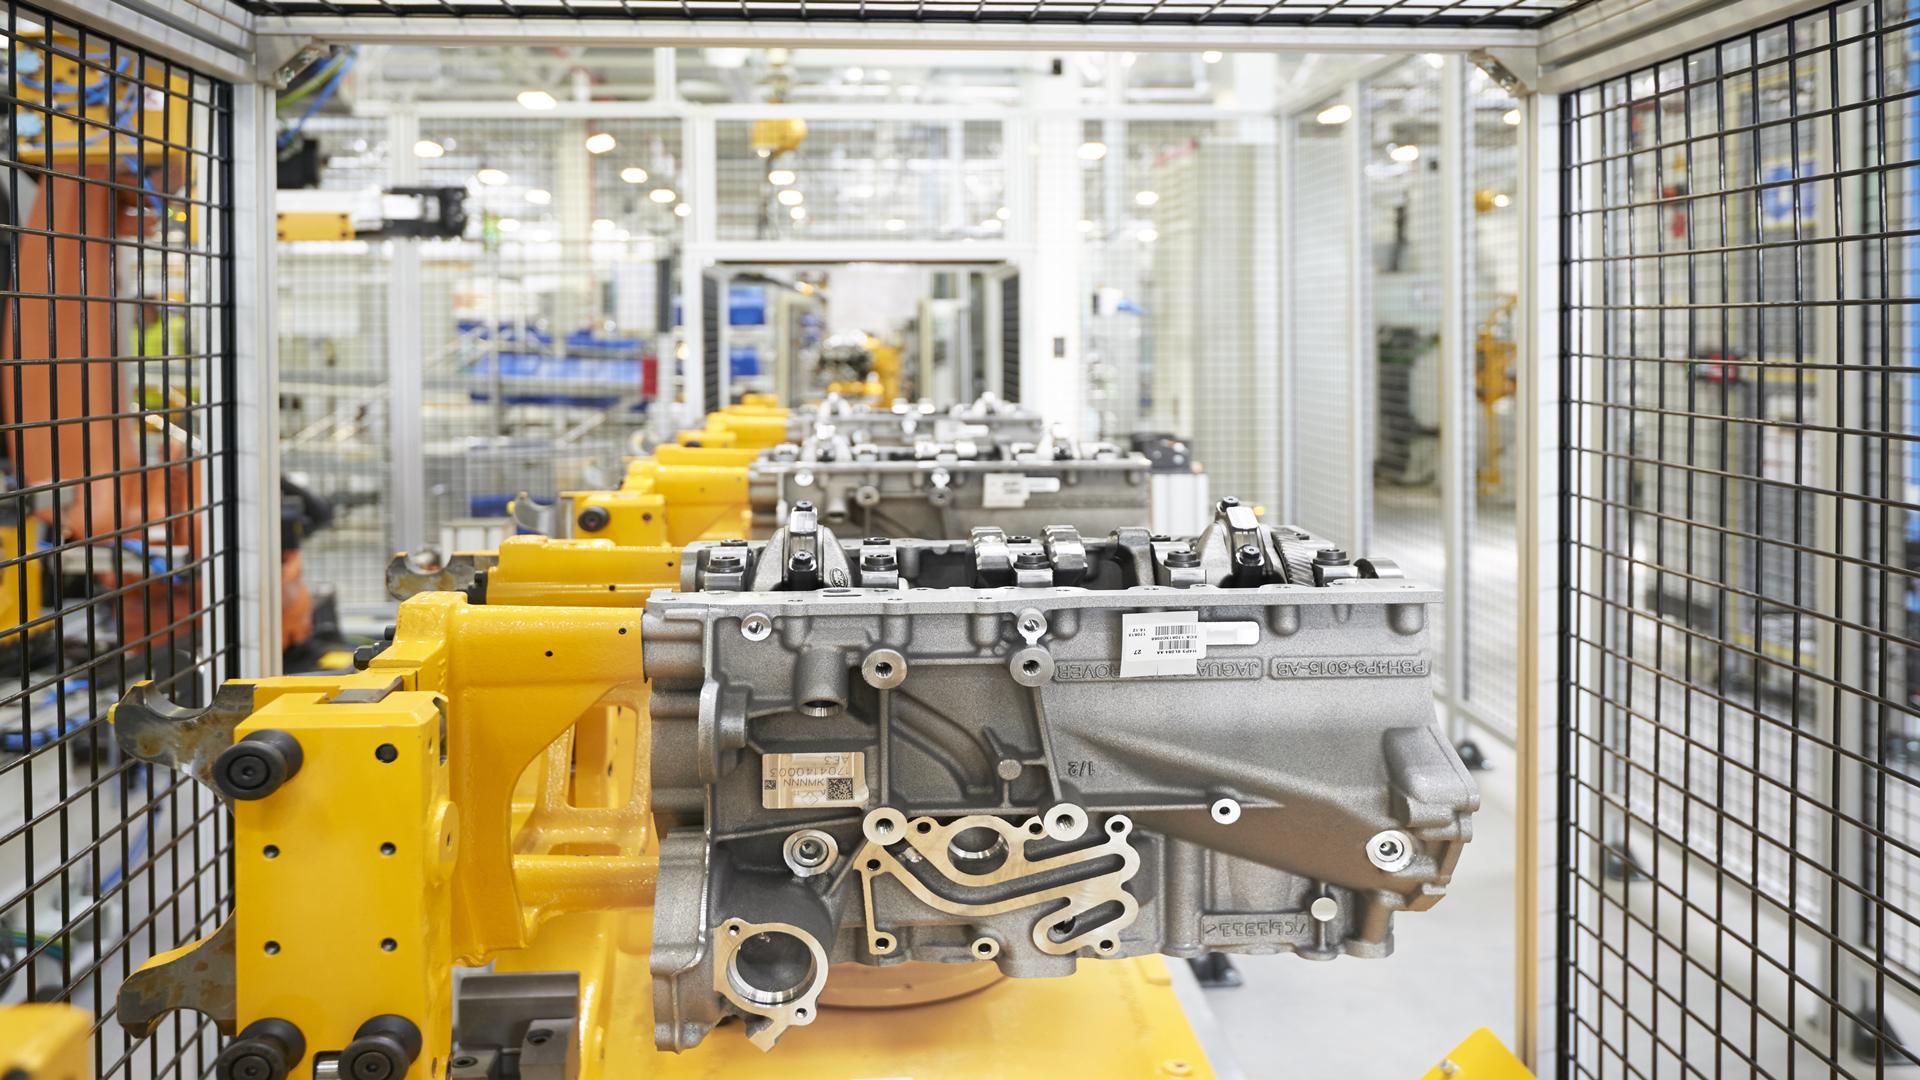 今天捷豹路虎的中国本土化进程再进一步。 占地51,000平方米,初始产能达13万台的奇瑞捷豹路虎全新发动机工厂今天在江苏常熟正式开业。  该厂生产的首款发动机全新Ingenium2.0升四缸发动机将搭载于奇瑞捷豹路虎的未来全系产品上。这是捷豹路虎在英国本土发动机制造中心(EMC)之外首个发动机工厂。  这也是继去年奇瑞捷豹路虎全铝车身工厂投产之后,奇瑞捷豹路虎实现从单纯整车生产到整车及核心零部件生产的重要升级。Ingenium是古拉丁语,意为智能、天才、与生俱来的才华。奇瑞捷豹路虎将这一词语